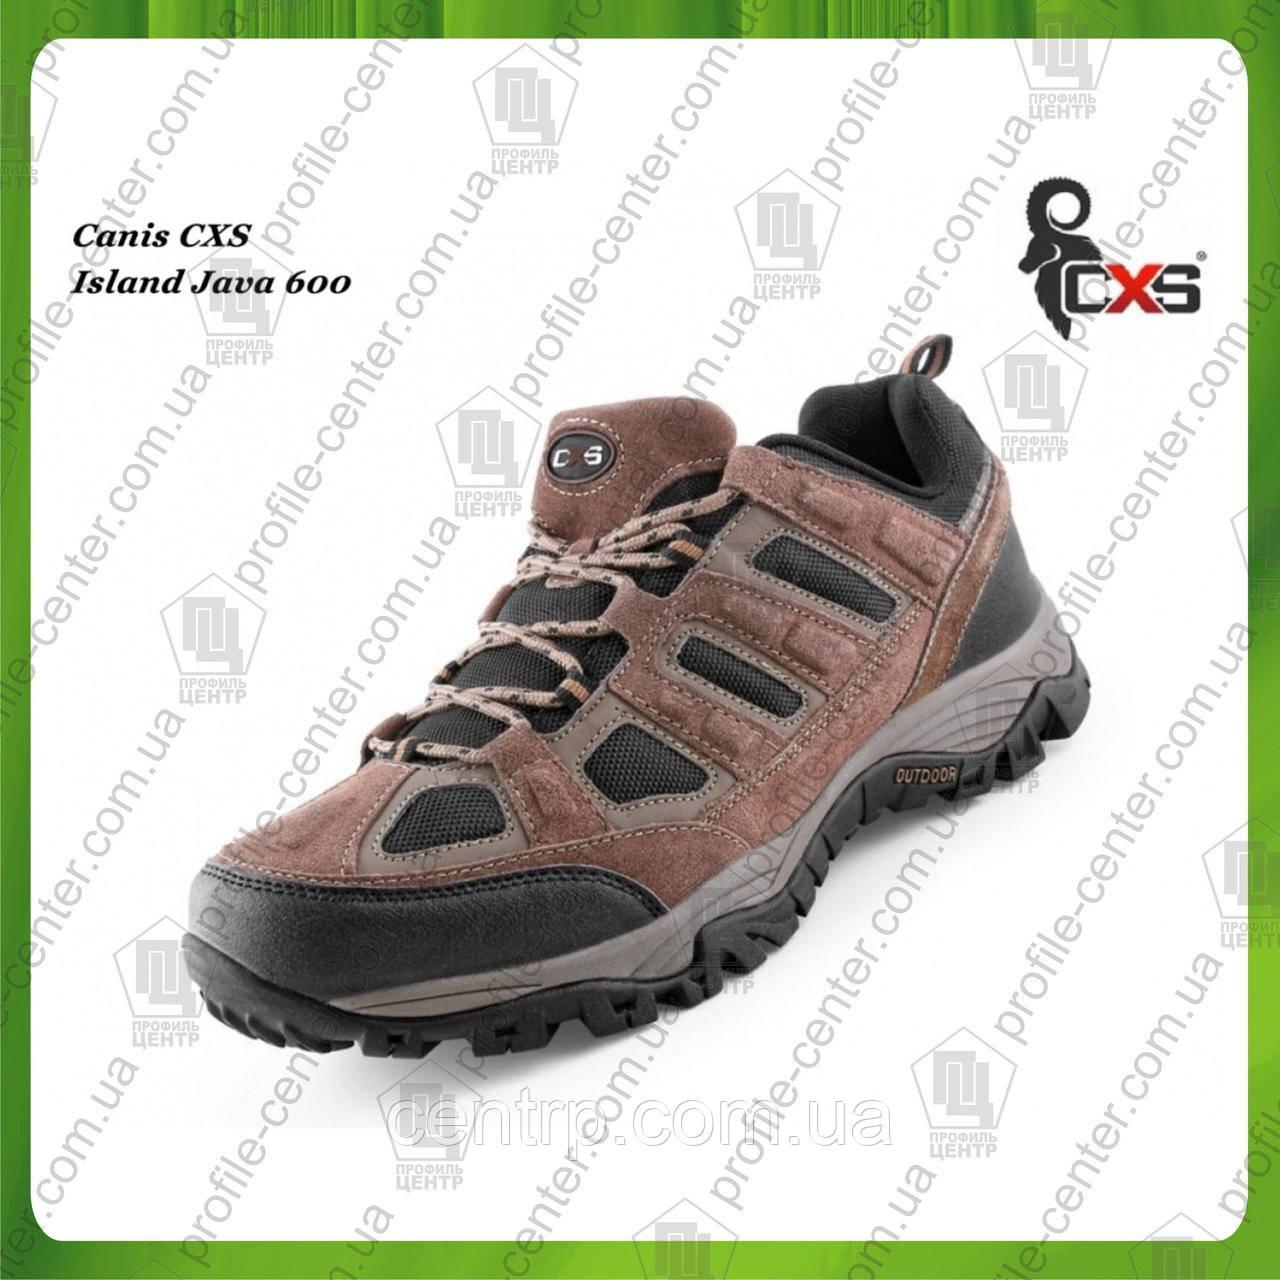 Кроссовки треккинговые CANIS CXS Island JAVA 600 (нат.замша)